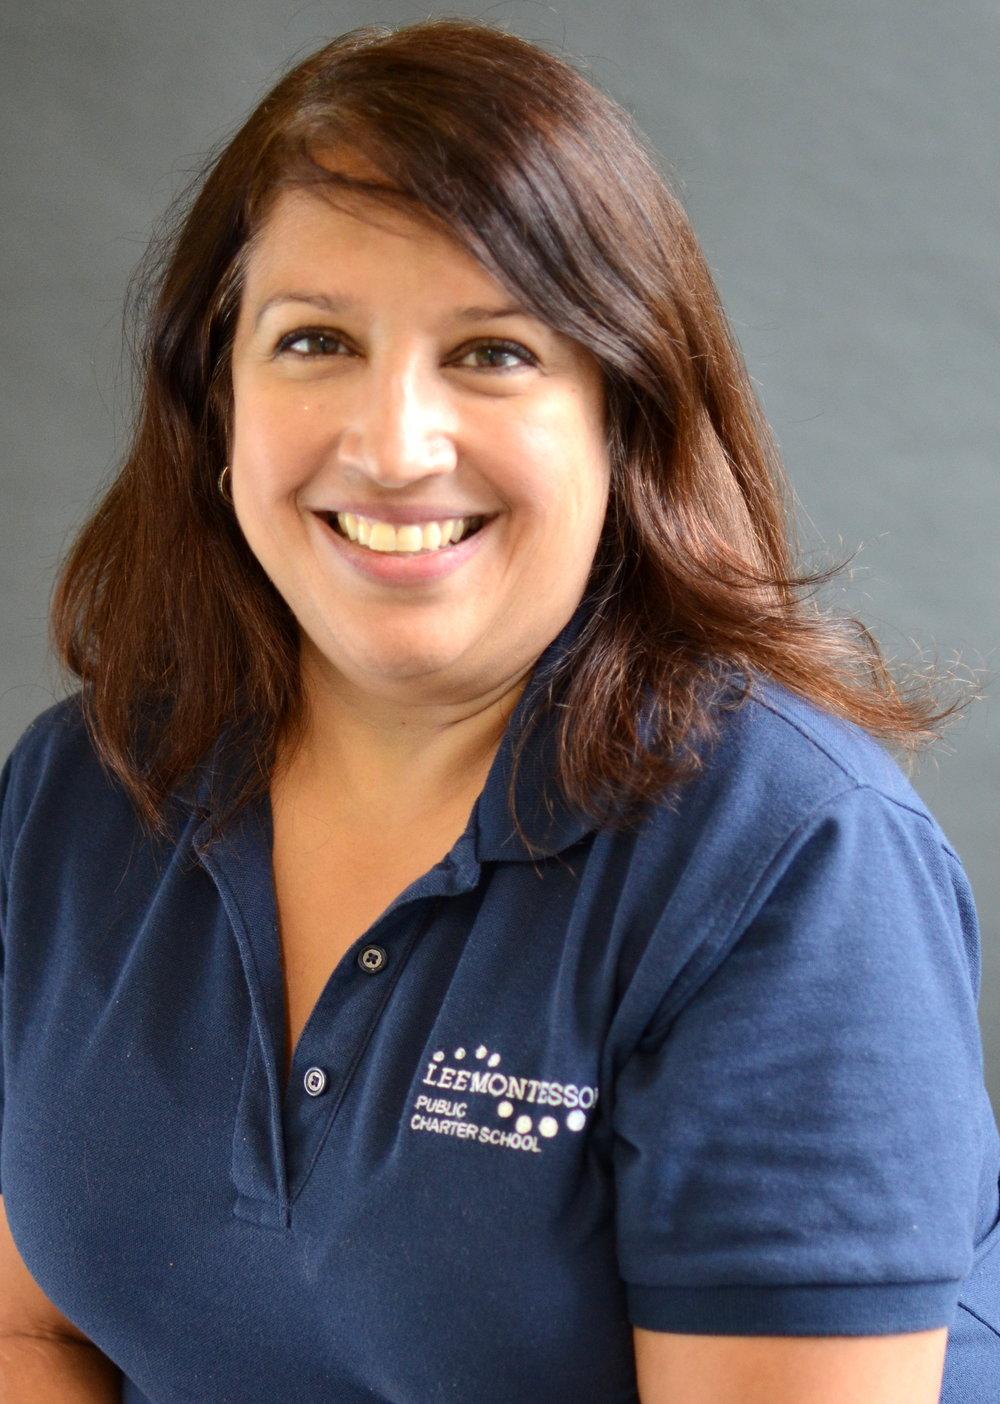 Suzanne Holstein - Student Support Coordinator